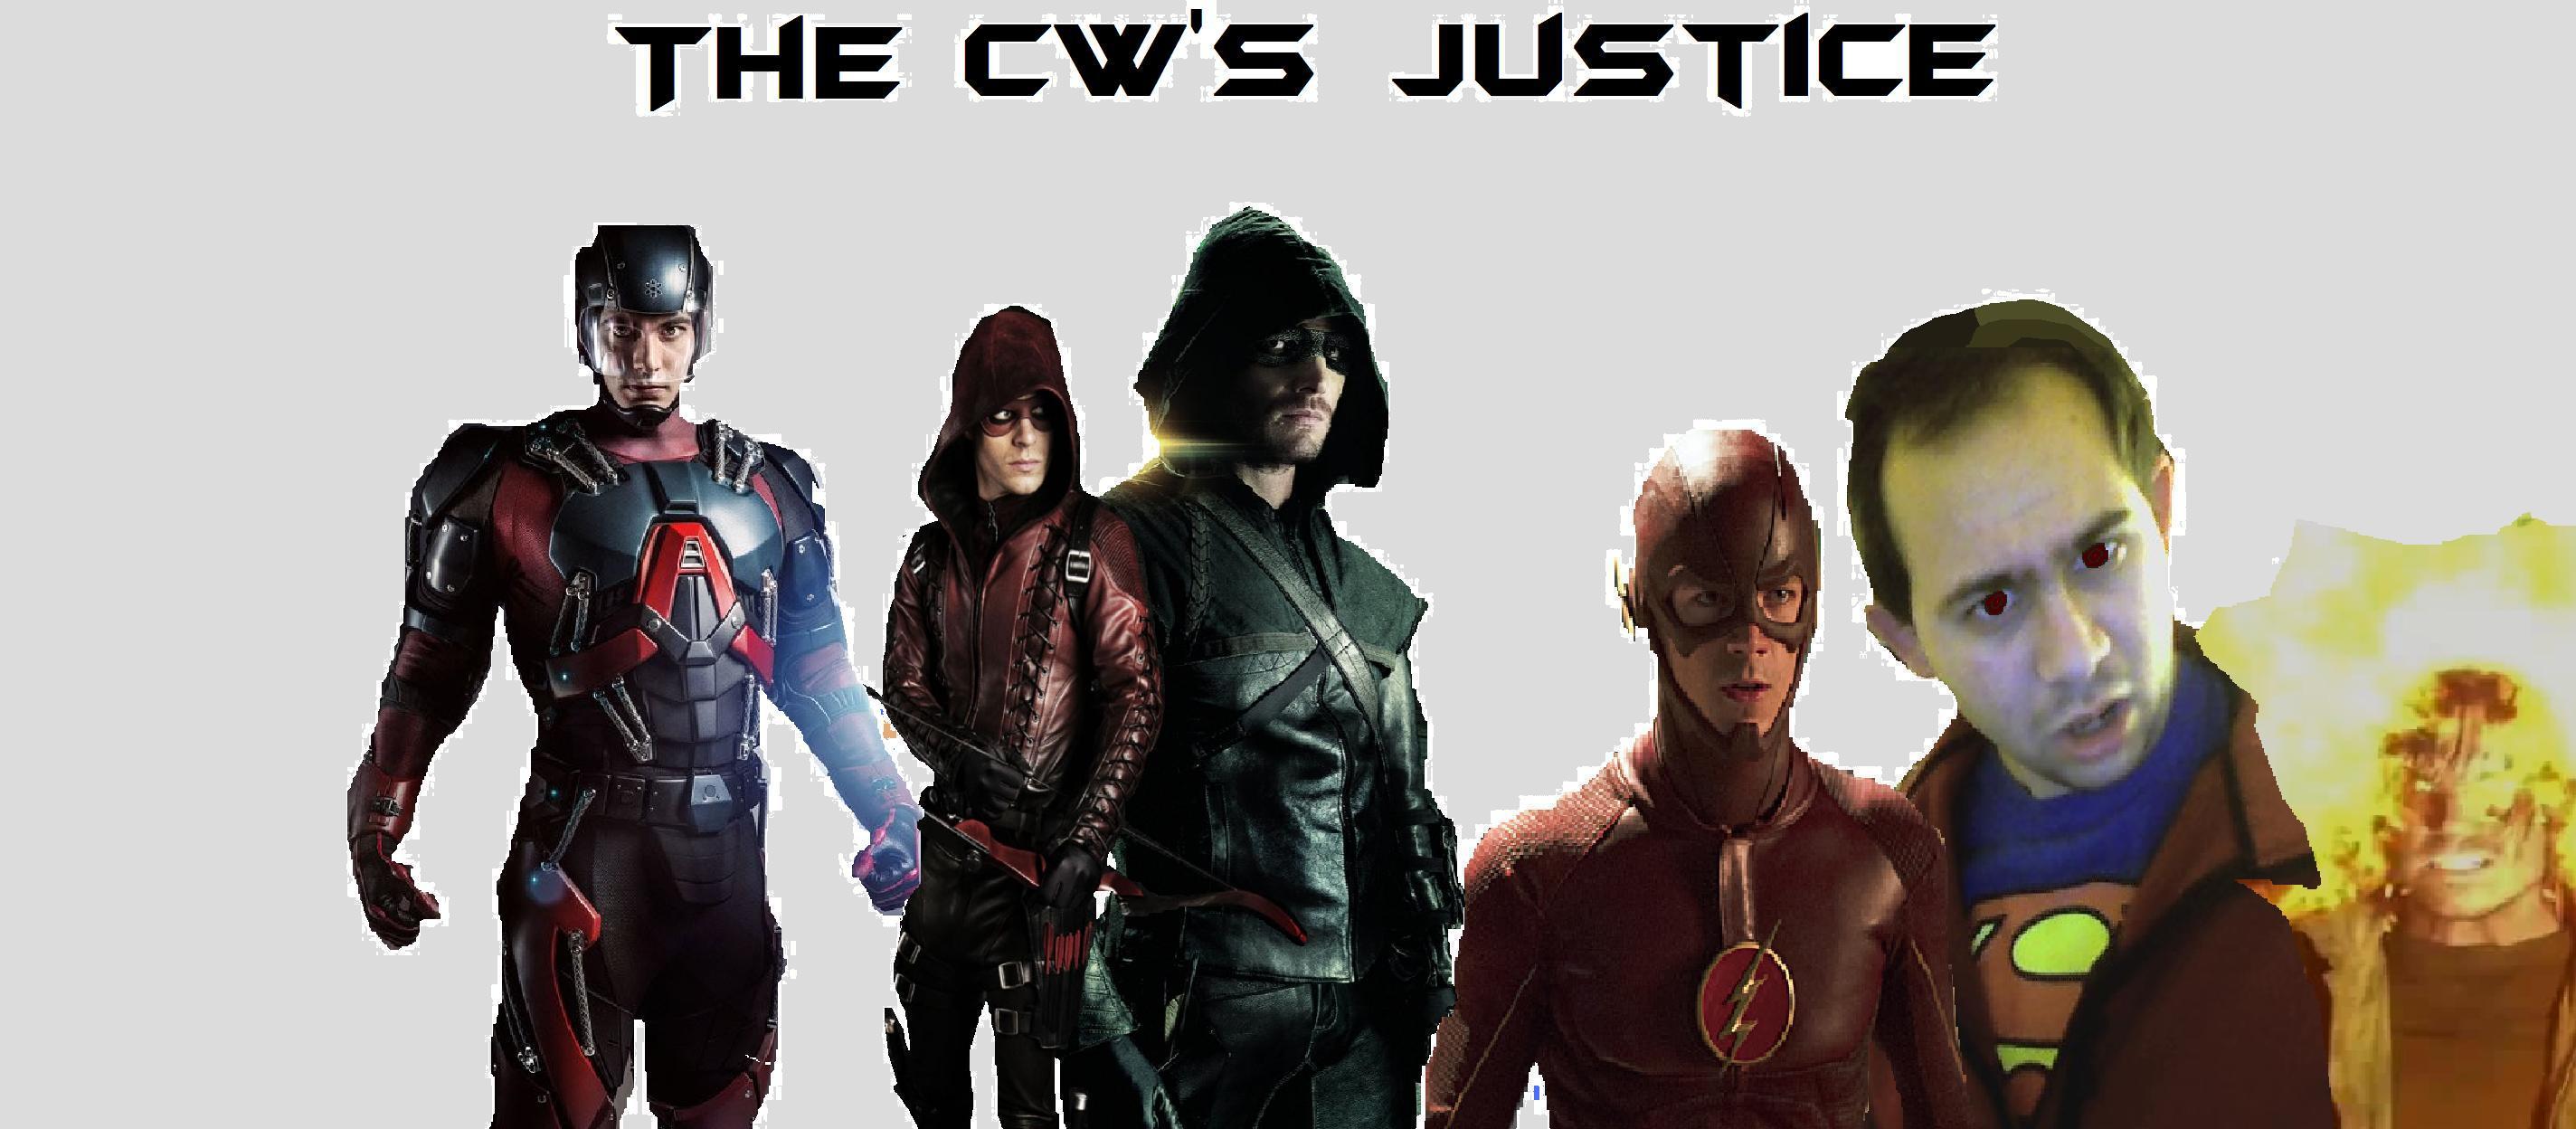 cw justice league - photo #38